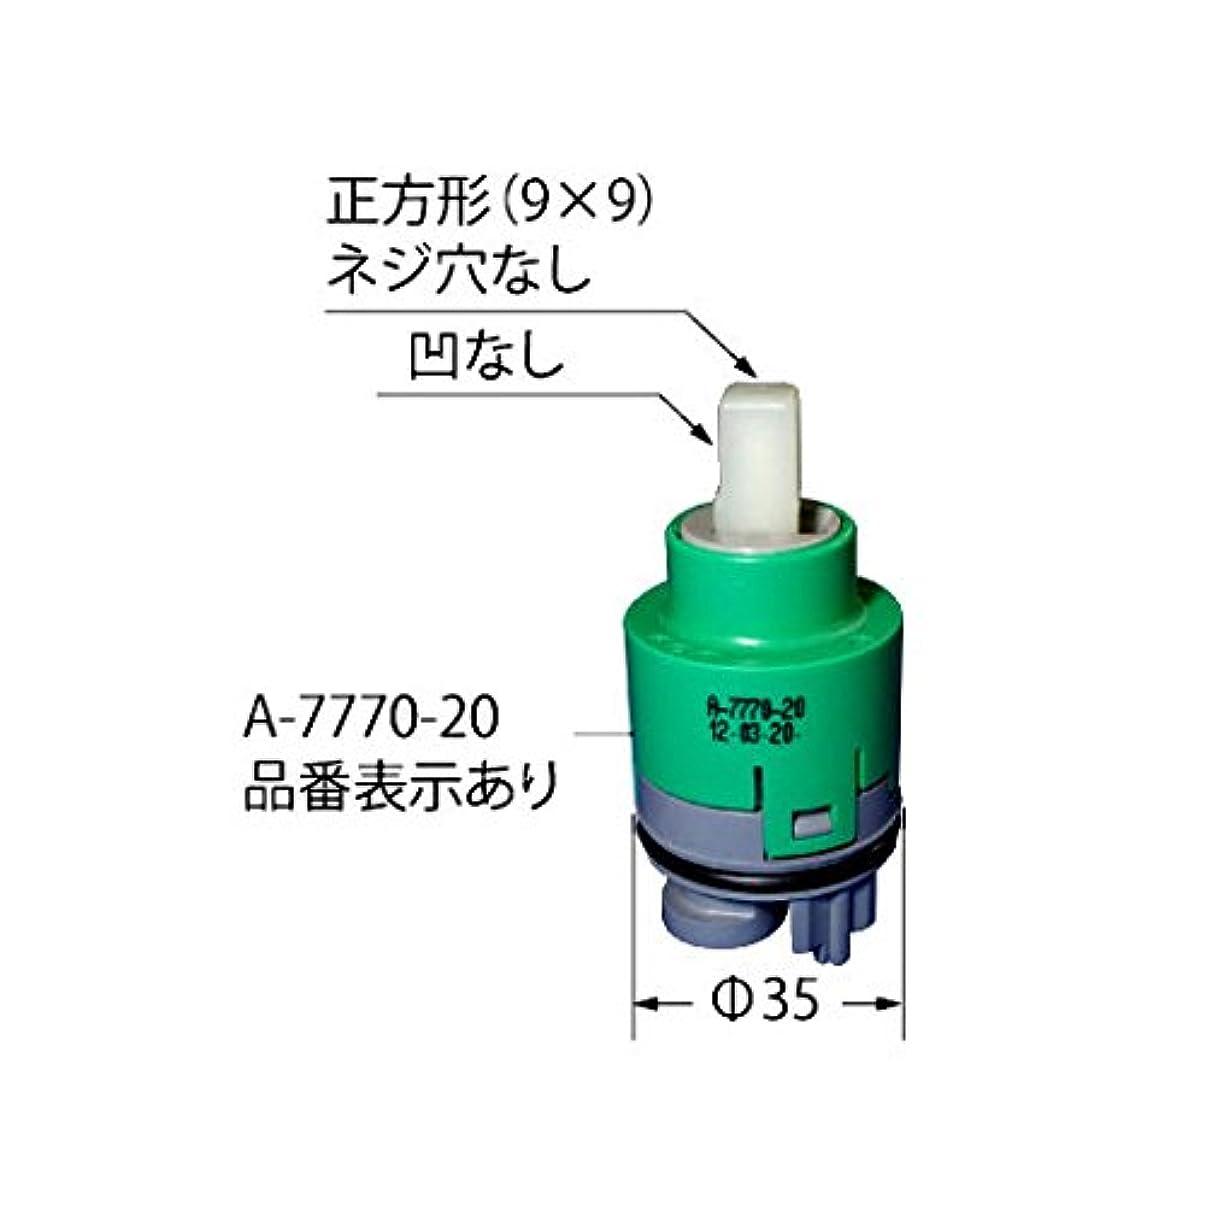 意味する意味する聴覚障害者LIXIL(リクシル) INAX シングルレバーヘッドパーツ部 A-7770-20